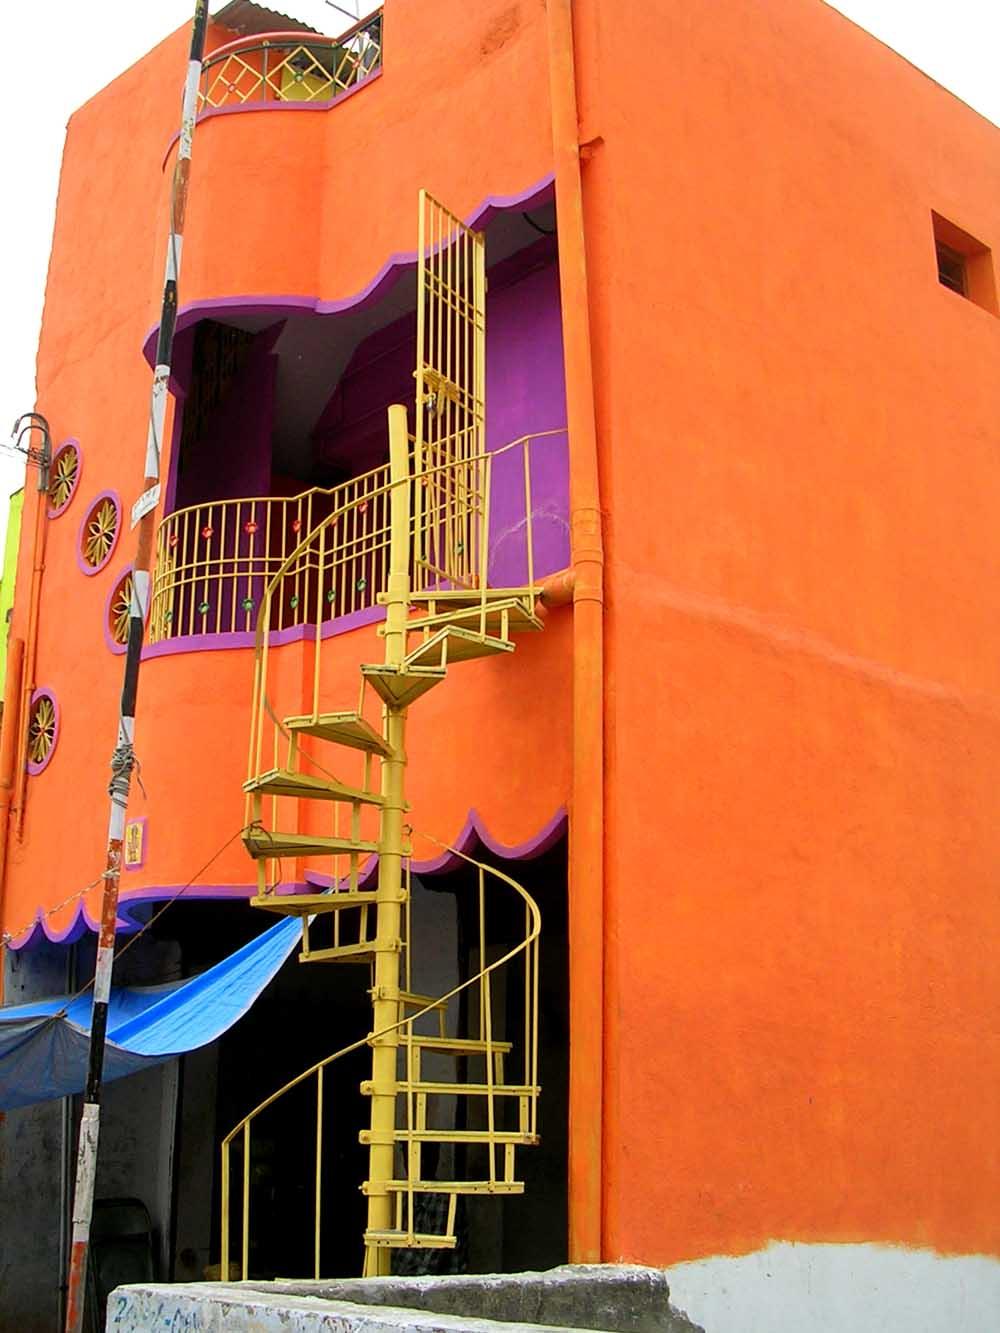 La casa arancione